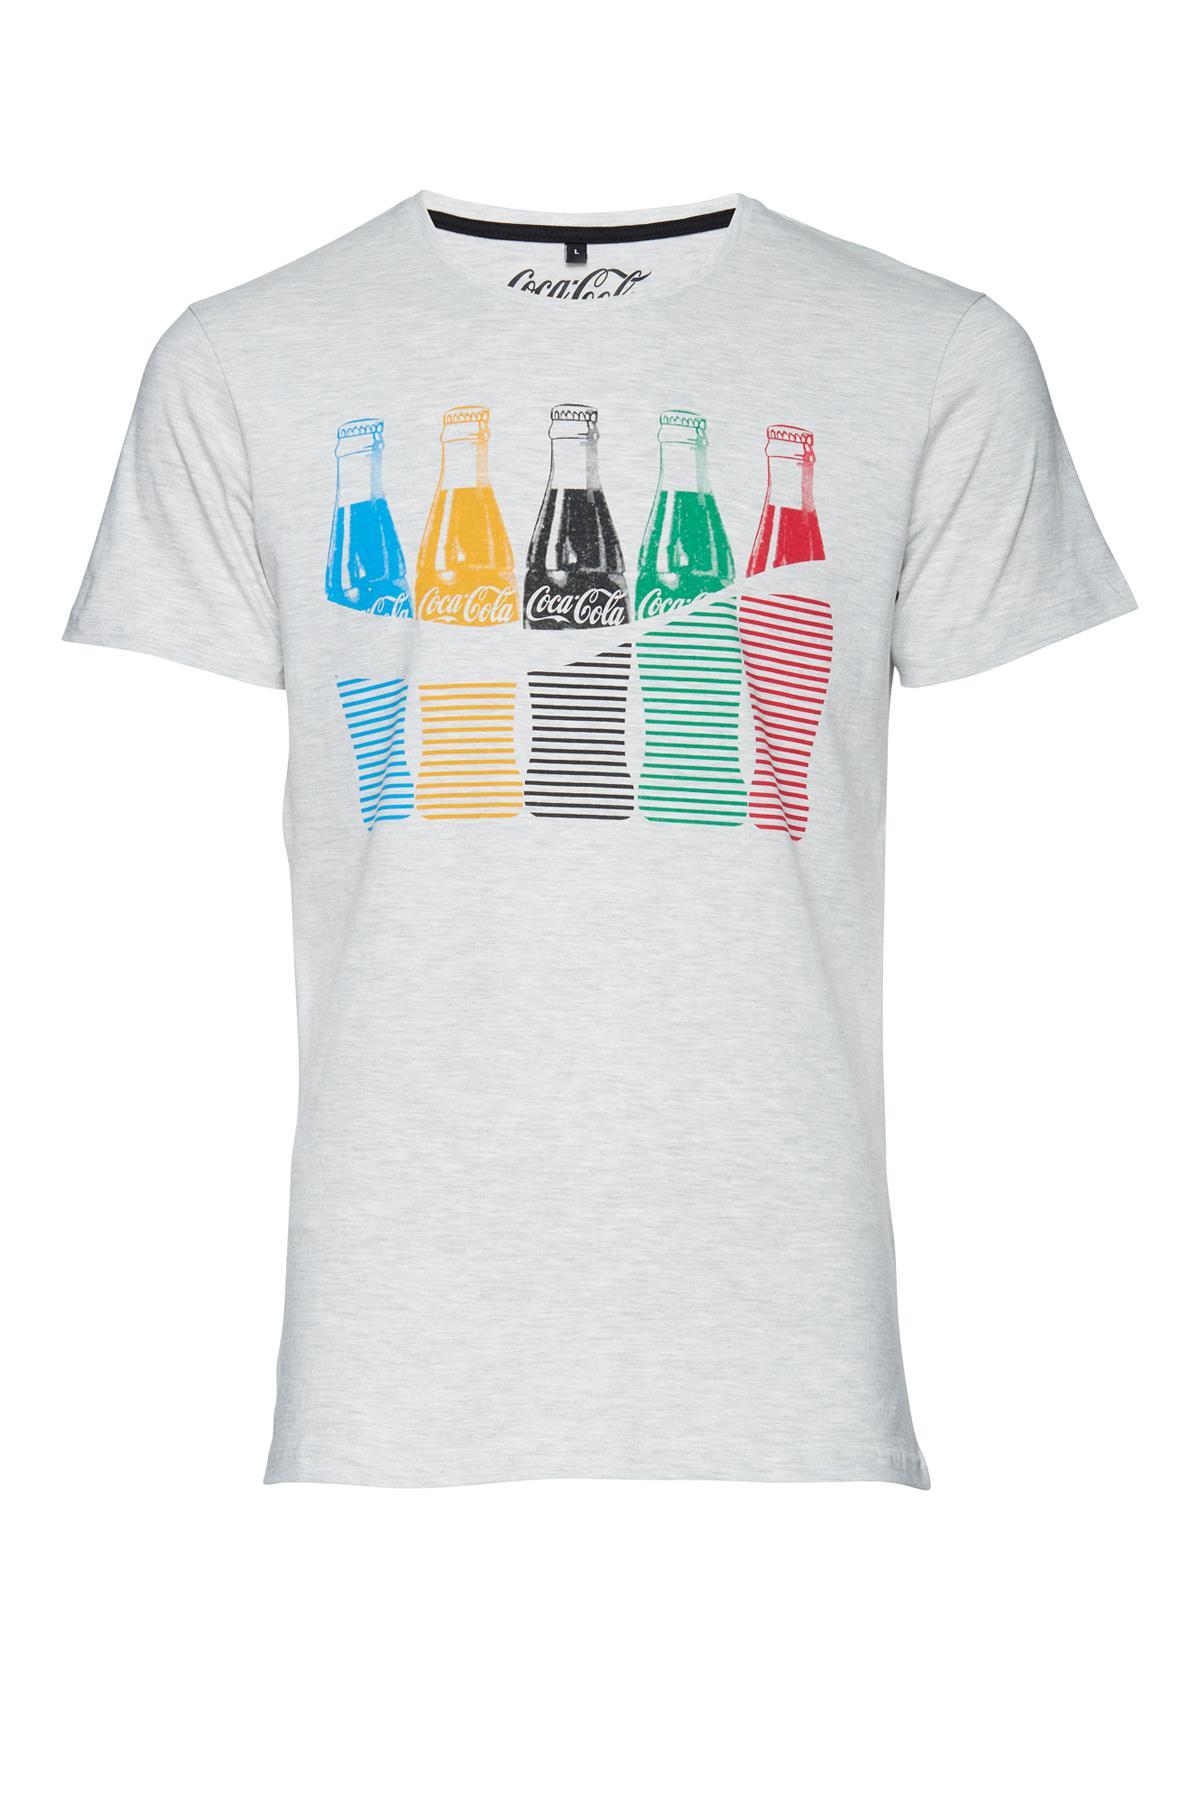 Gråmeleret T-shirt – Køb Gråmeleret T-shirt fra str. S-XL her